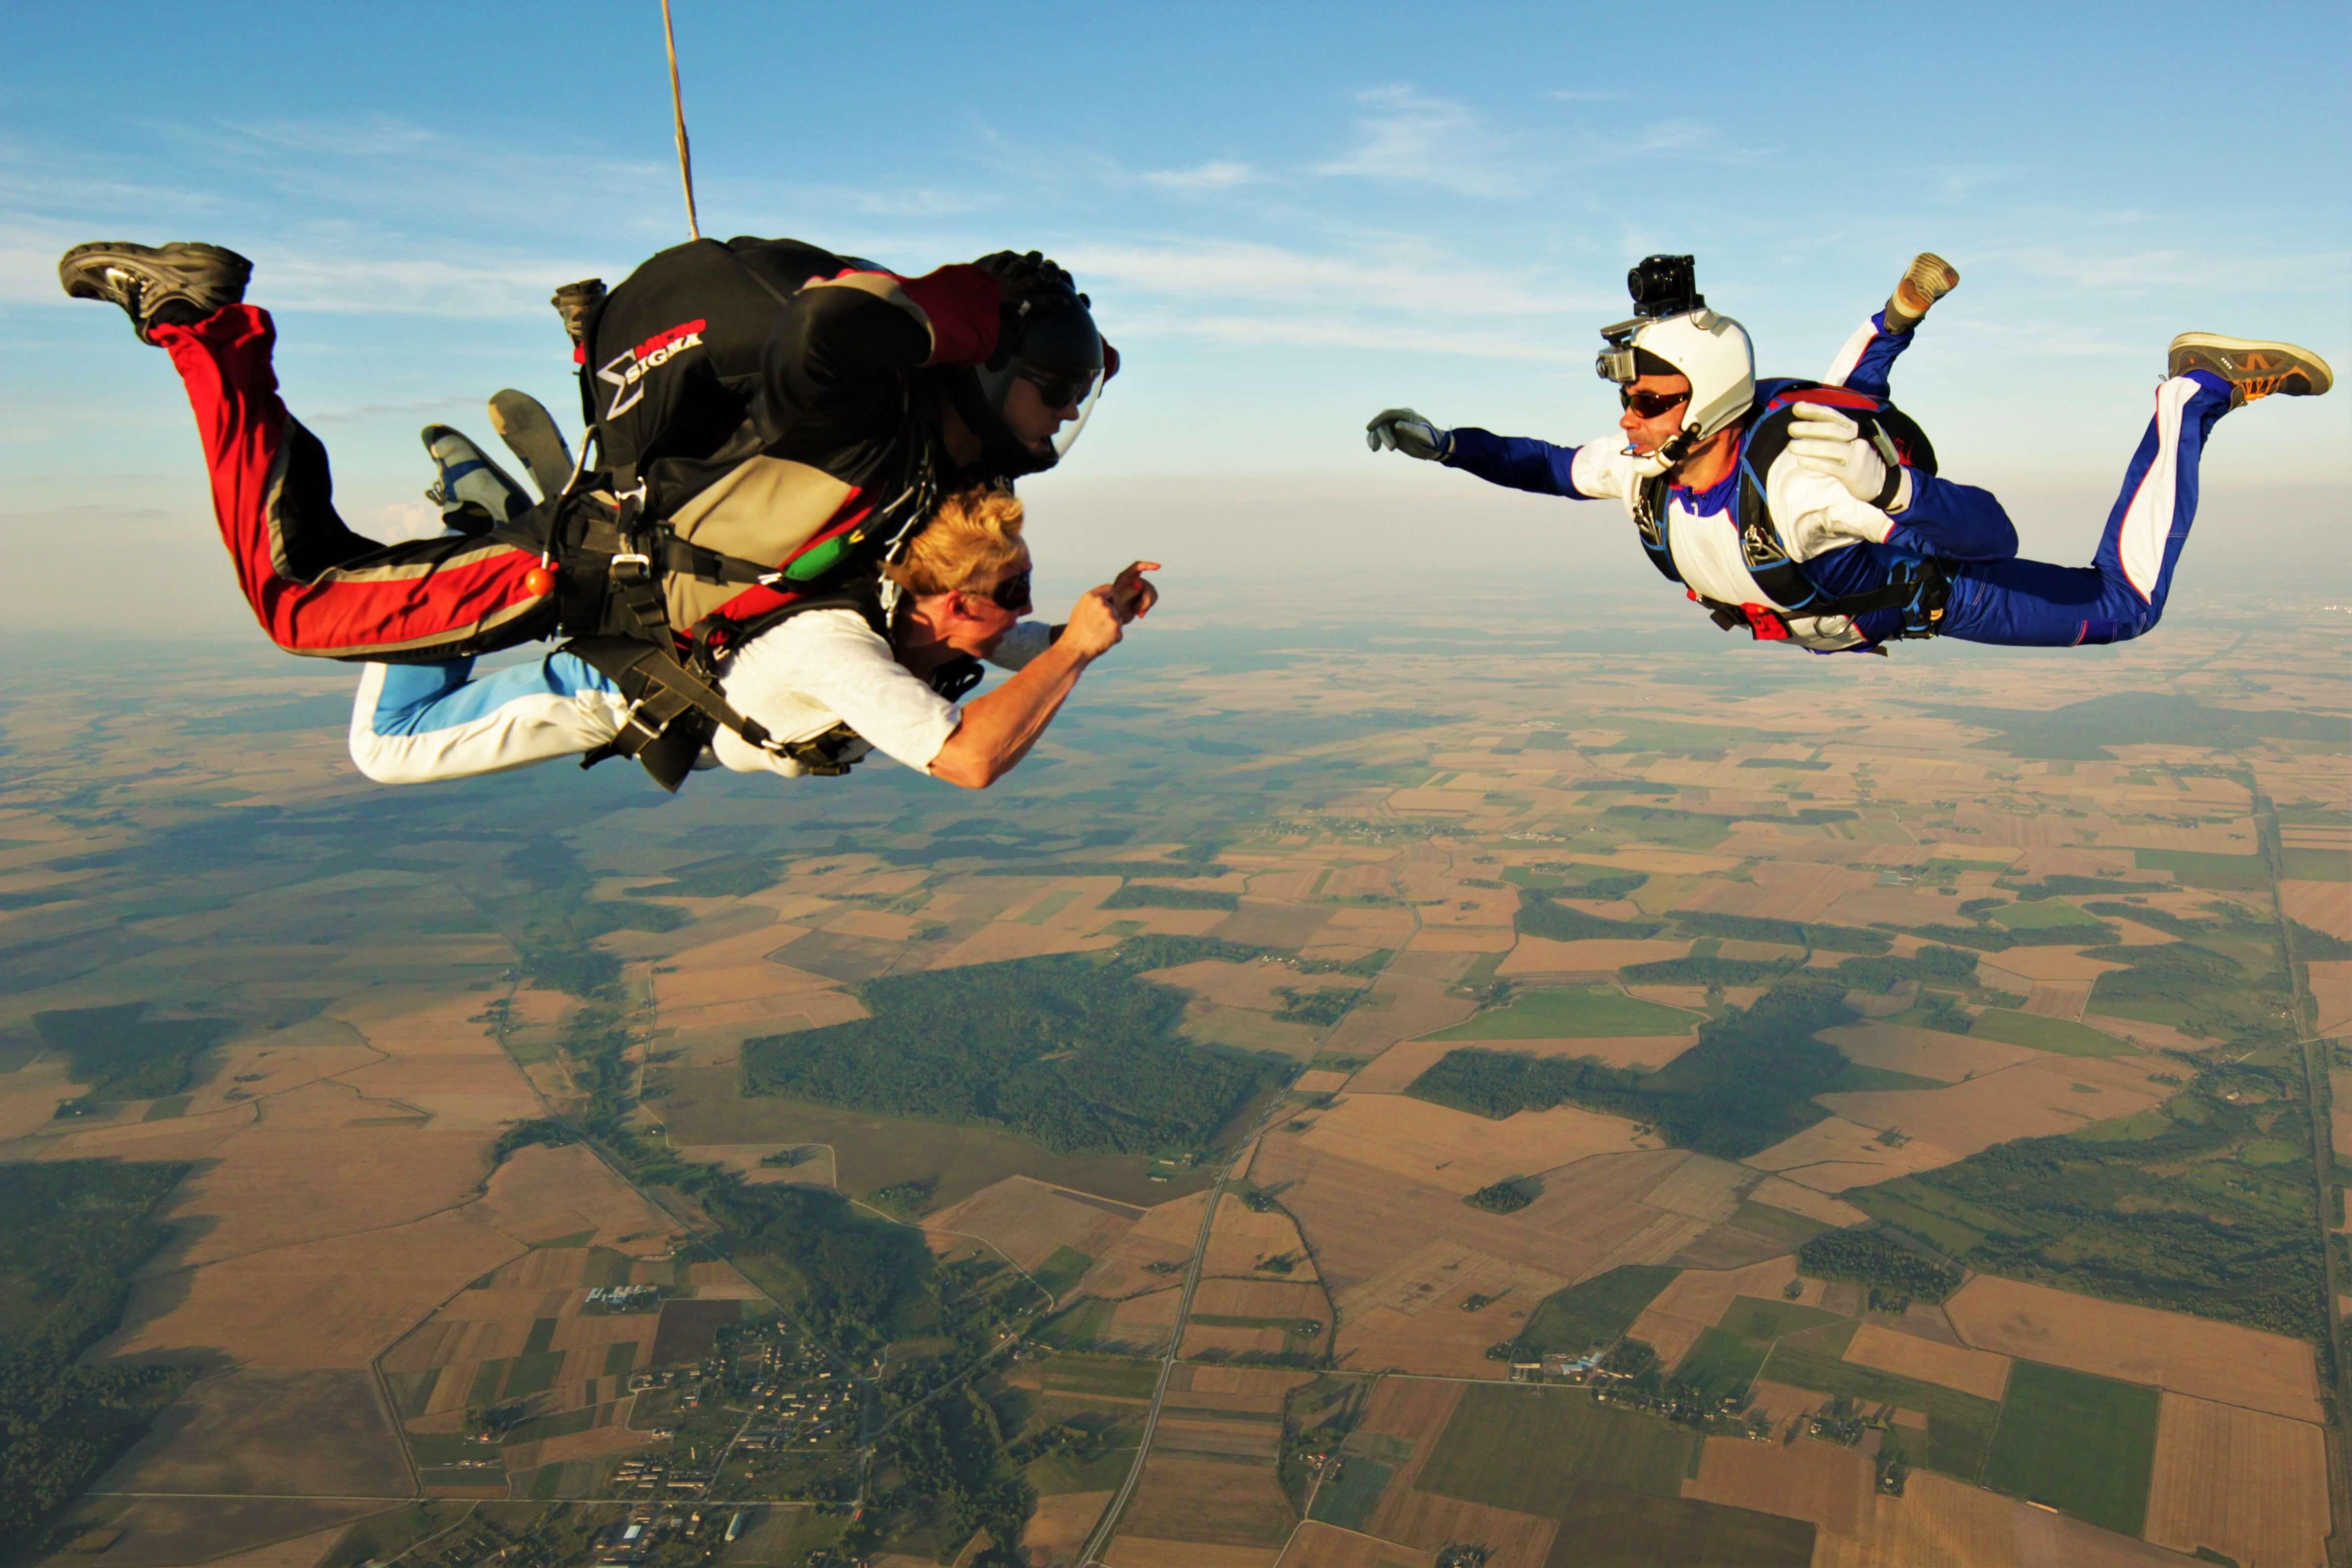 Картинка прыжок с парашютом, прикольные картинки фото